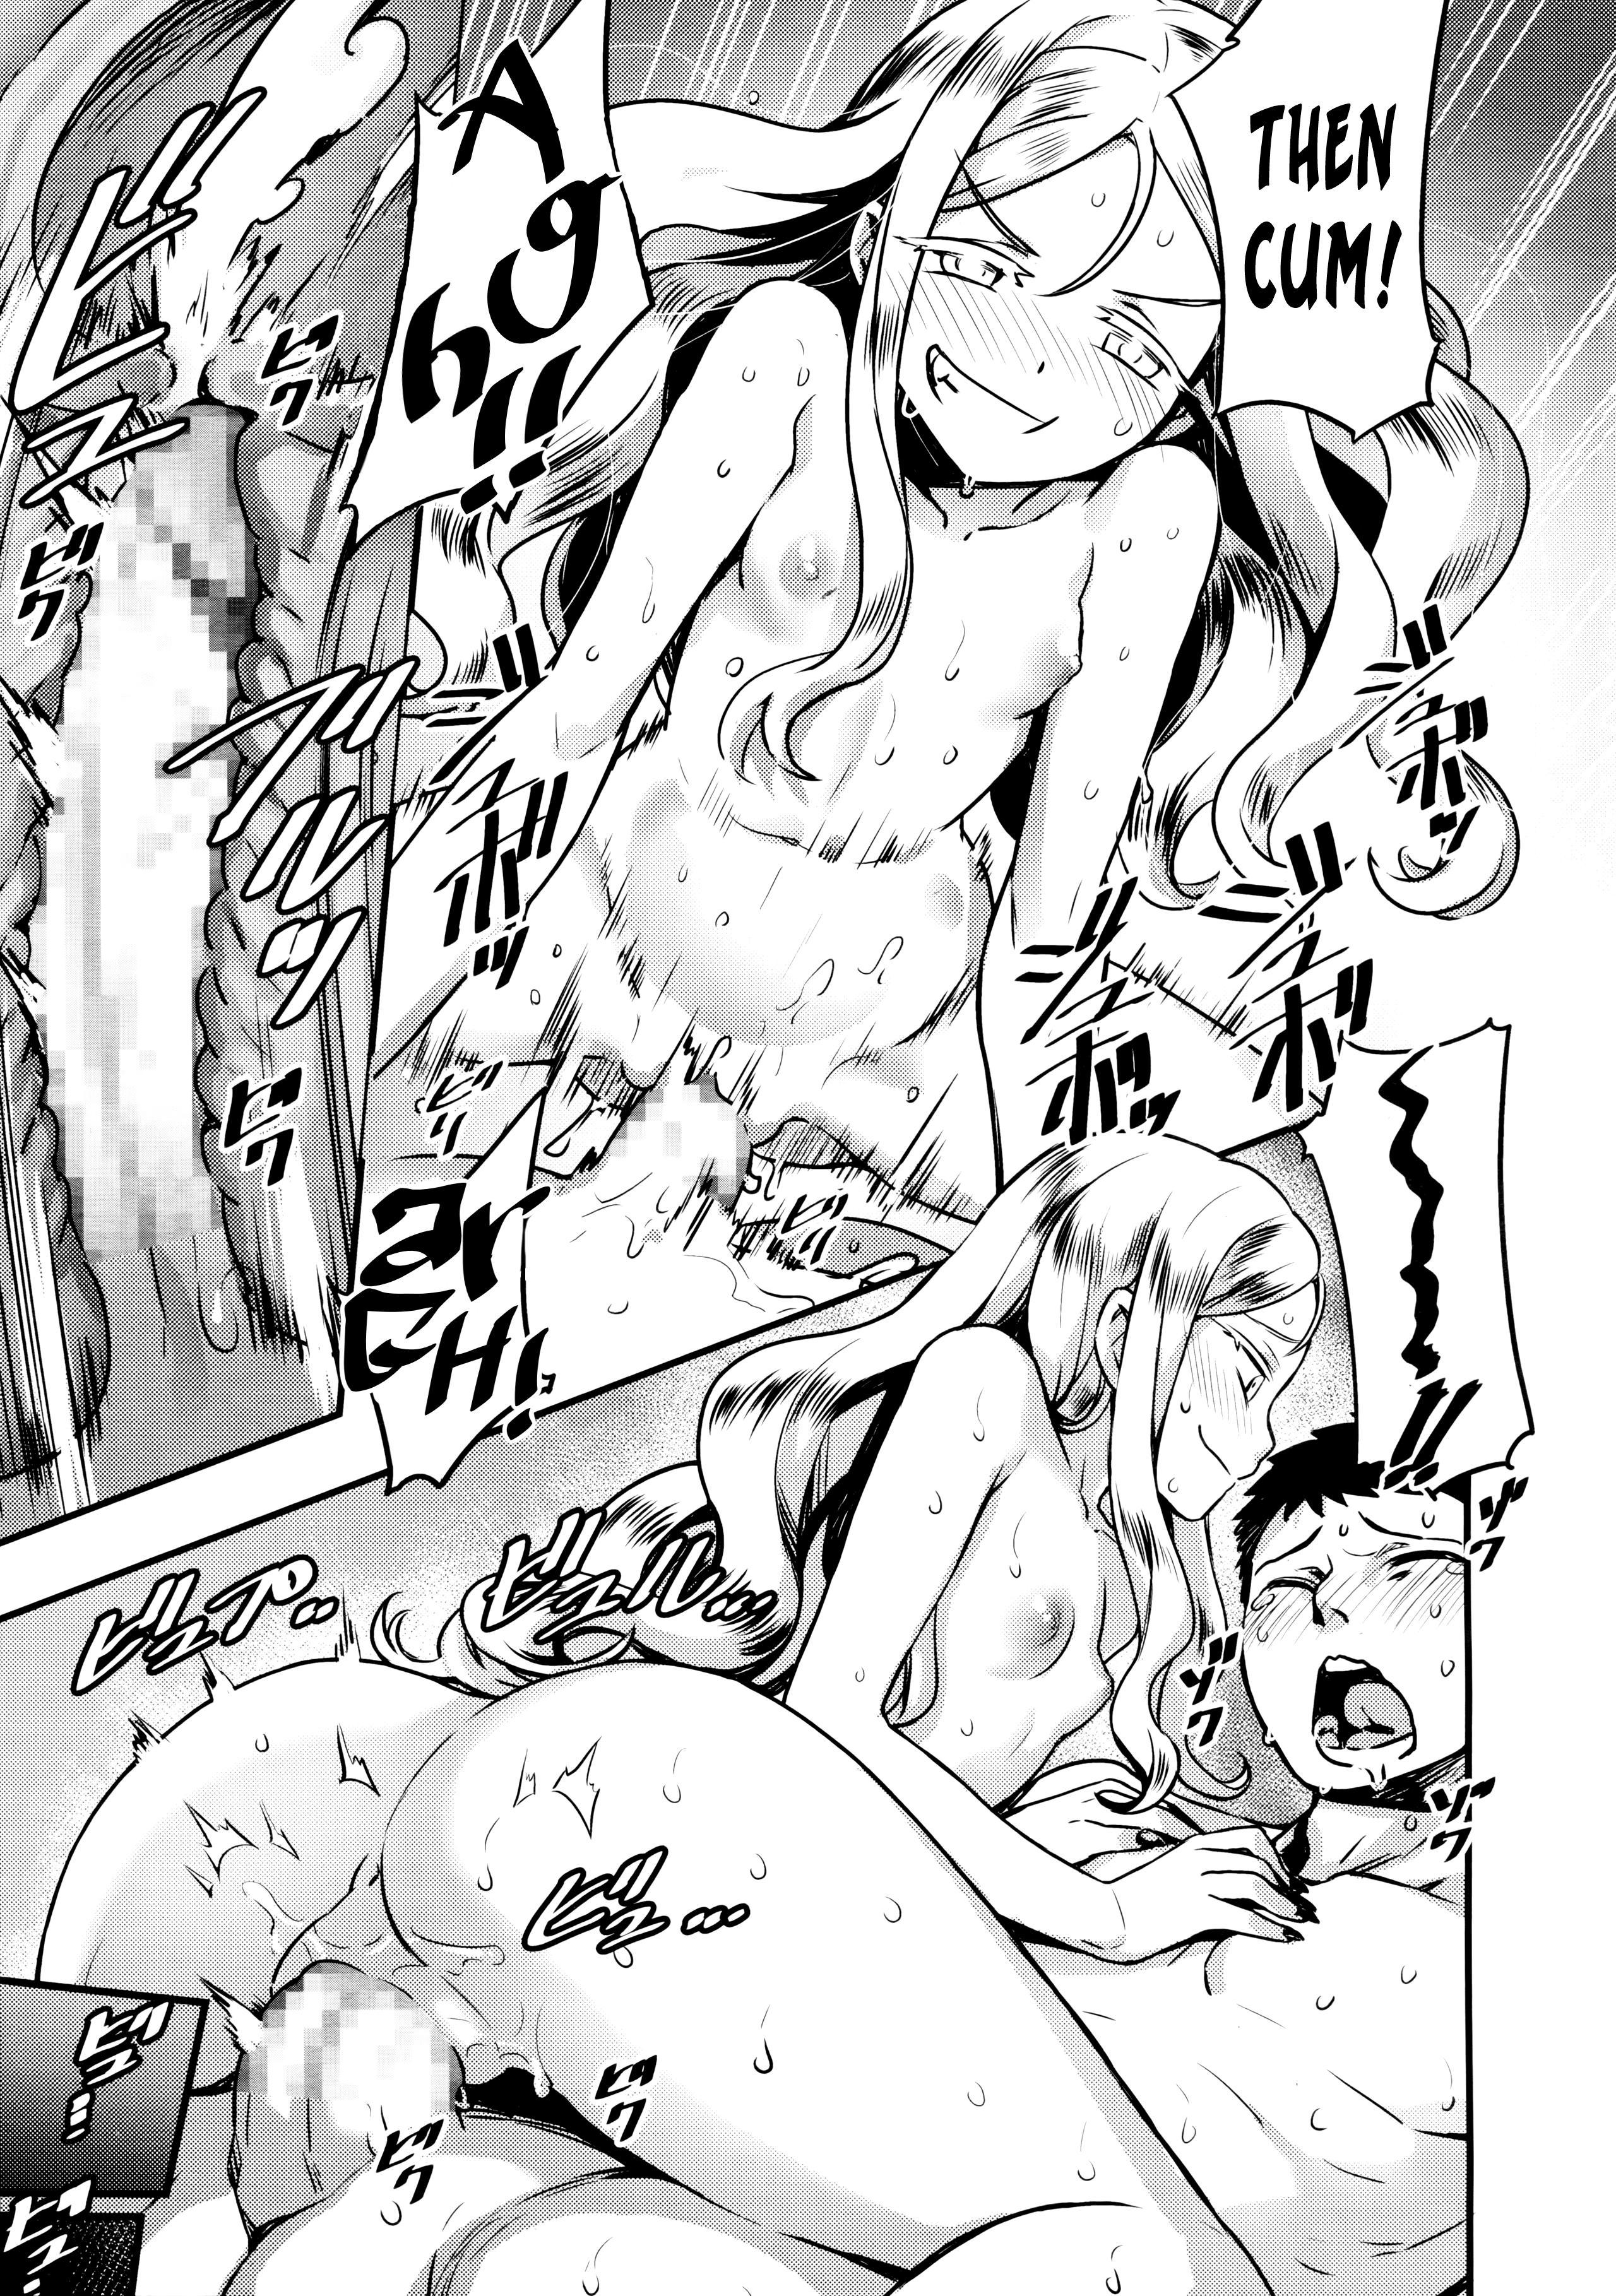 Yupiel-sama no Geboku | Lady Yupiel's Servant 18